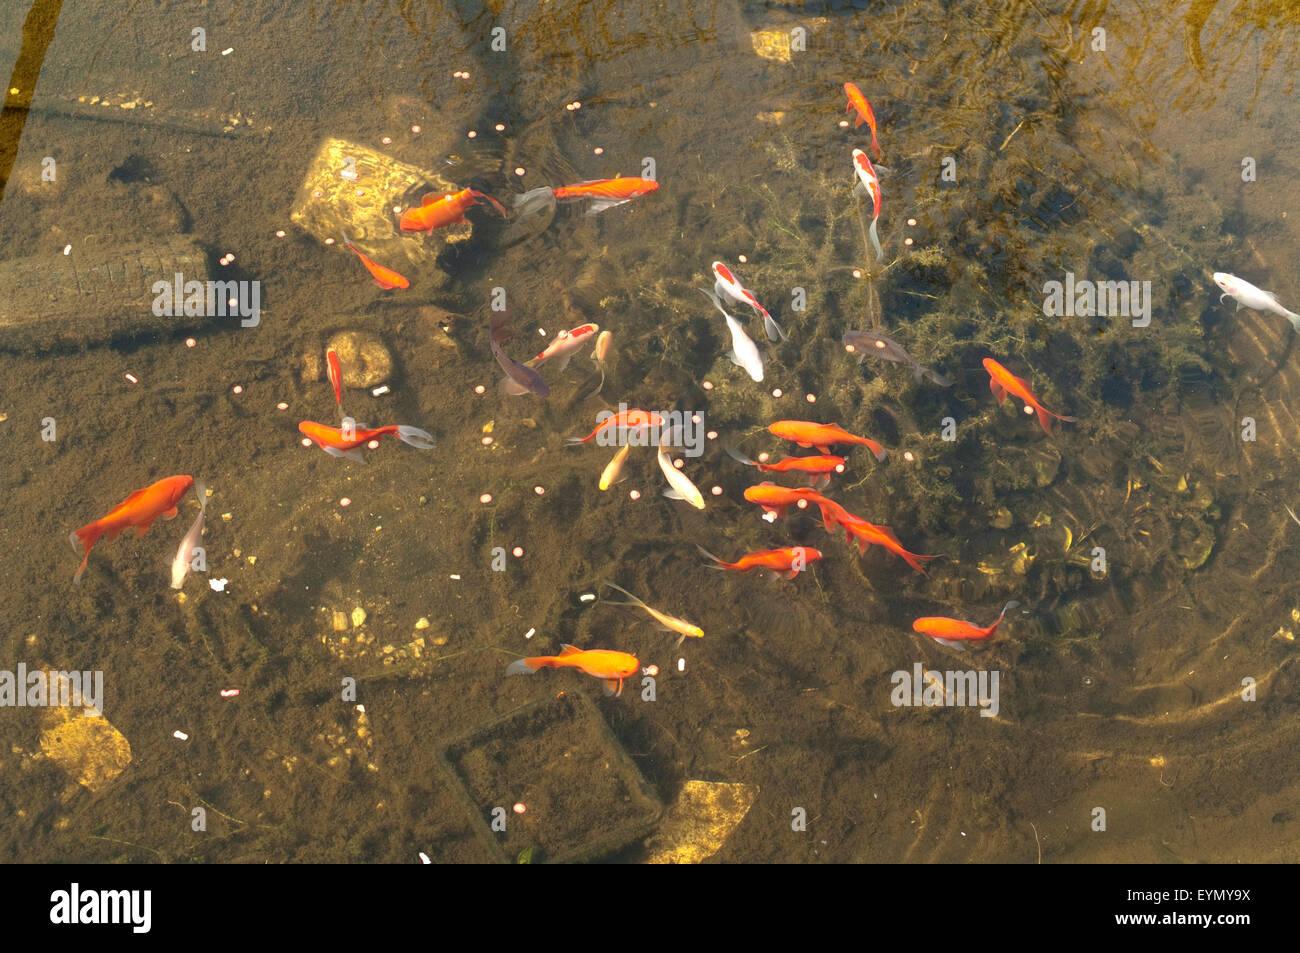 Goldfische, Carassius auratus, Stock Photo